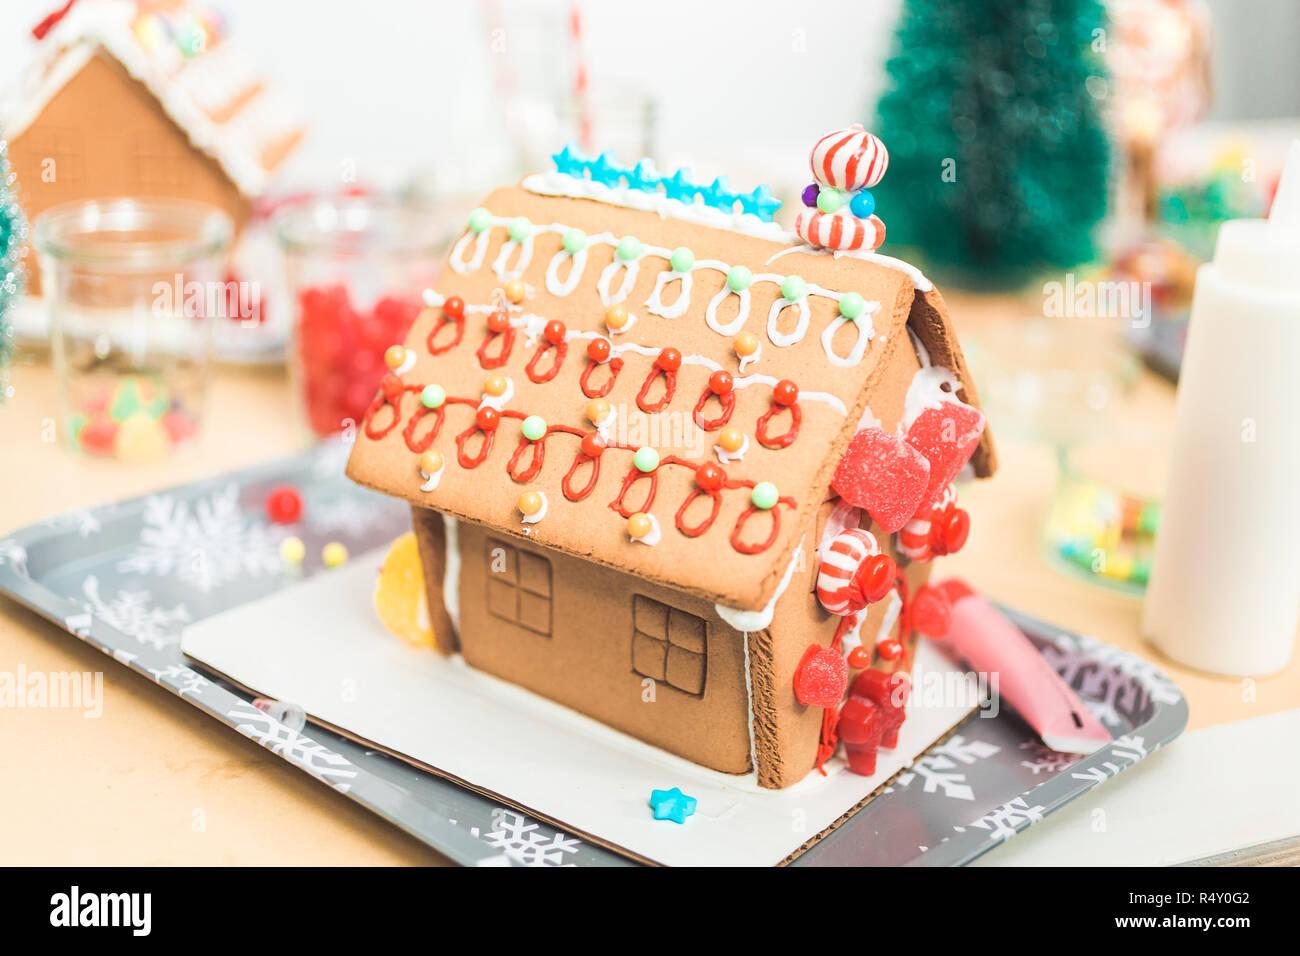 Casette Per Bambini Piccoli : Decorazione per bambini piccoli gingerbread case al natale partito